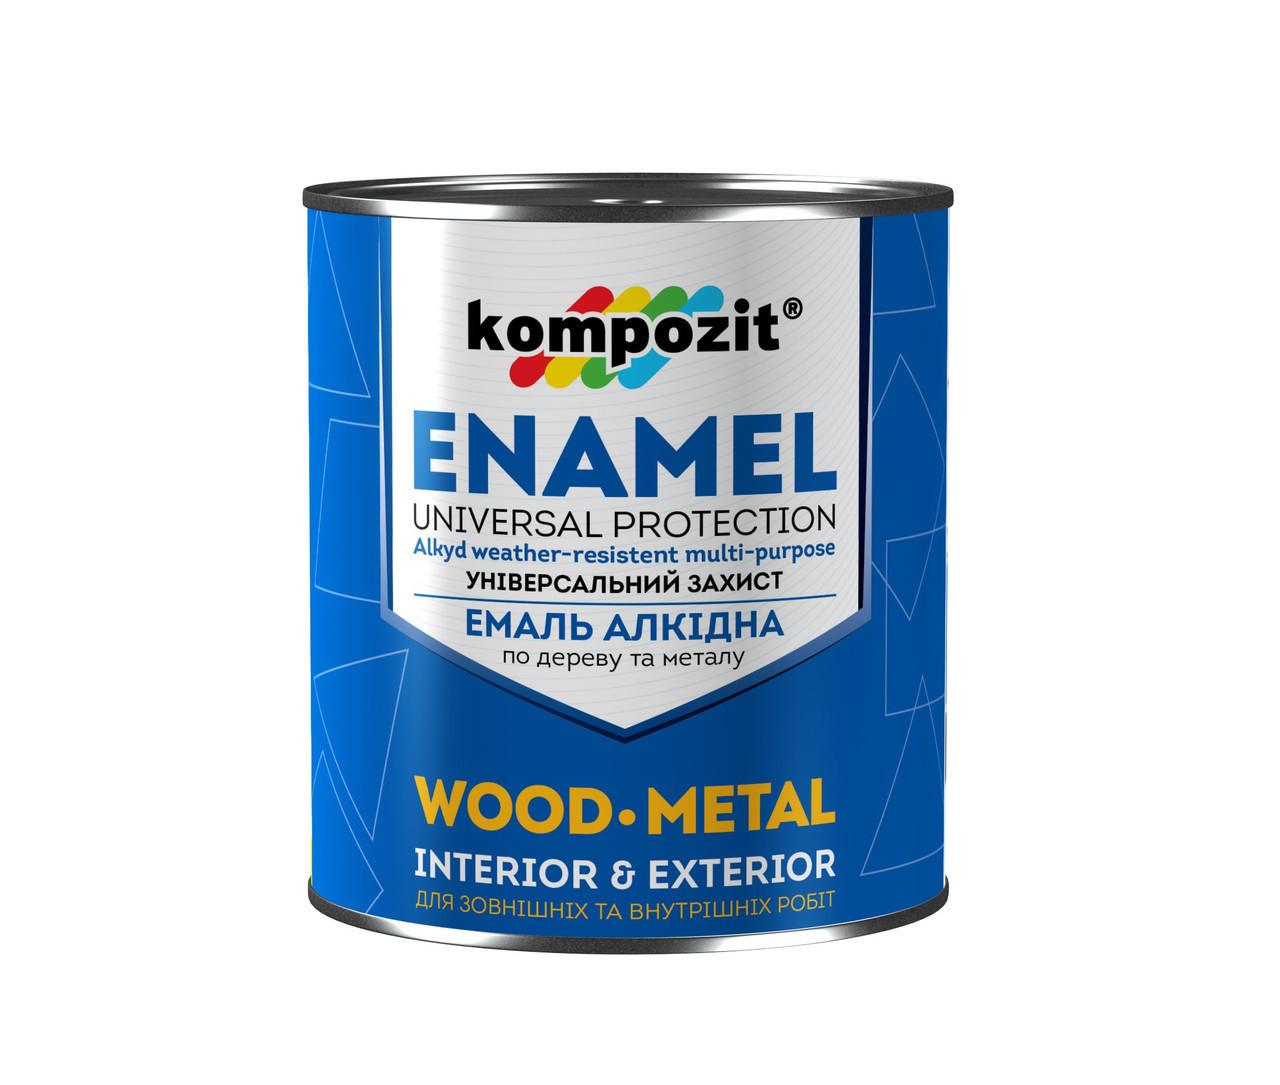 Емаль алкідна по дереву і металу Kompozit Enamel 2.8 кг Сірий